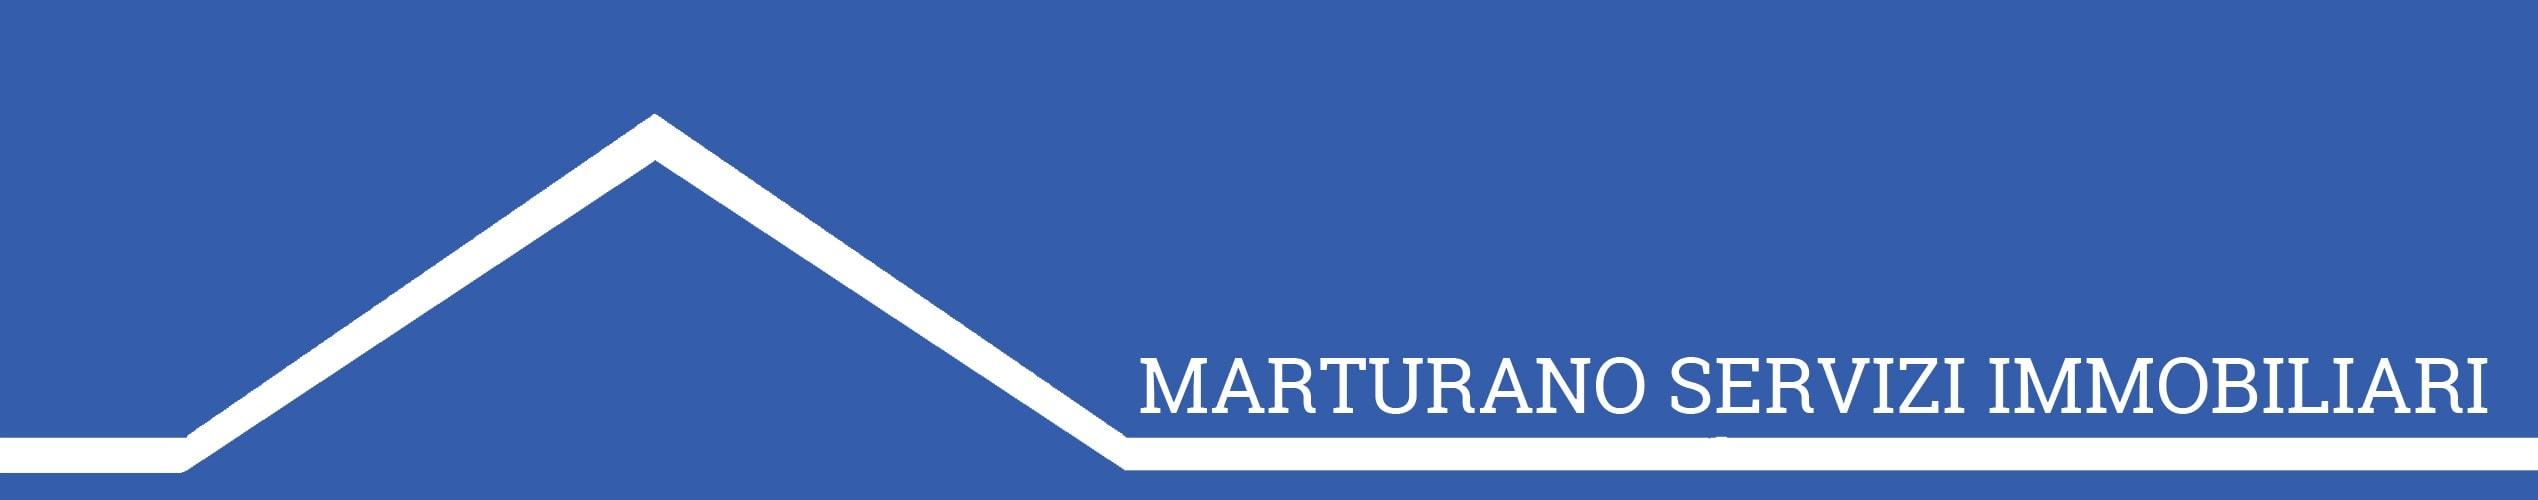 Marturano-Servizi-Immobiliari